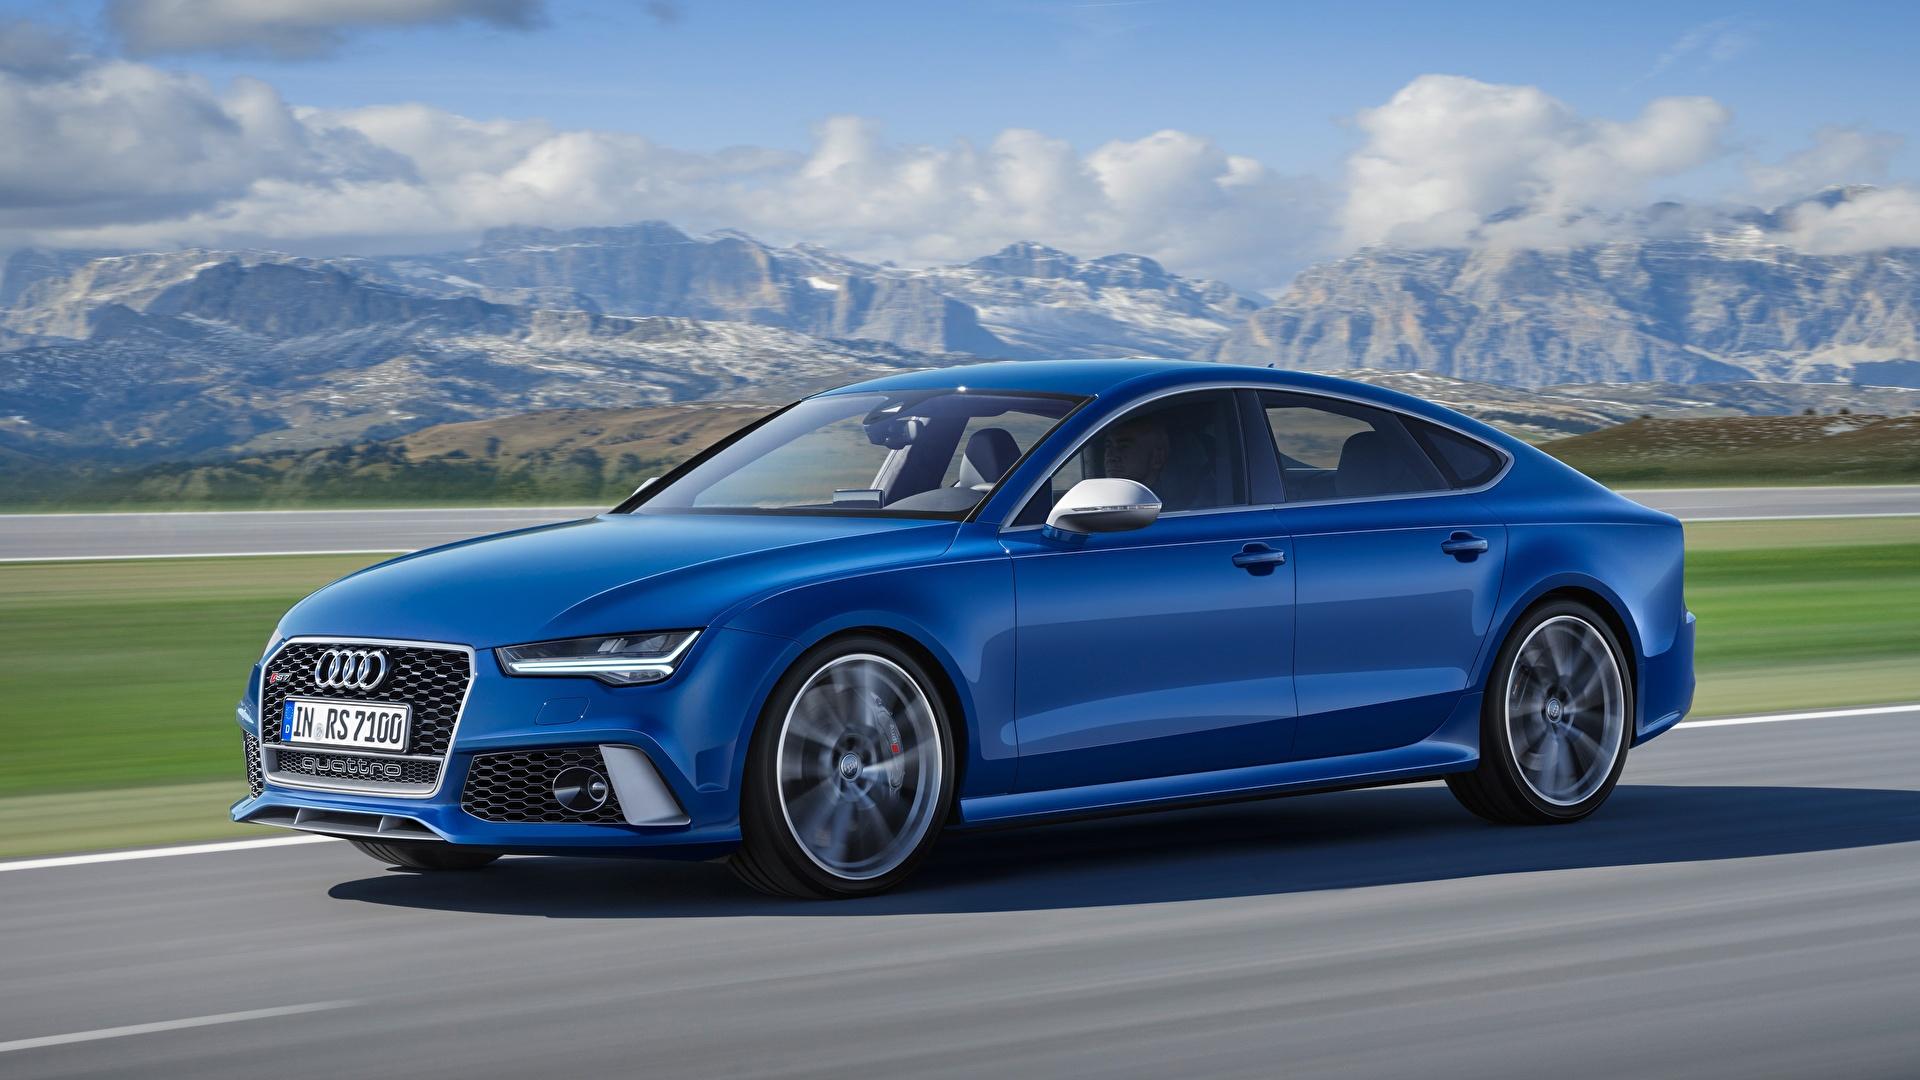 Bilder von Audi Bokeh Blau Bewegung auto Seitlich 1920x1080 unscharfer Hintergrund fährt fahren fahrendes Geschwindigkeit Autos automobil